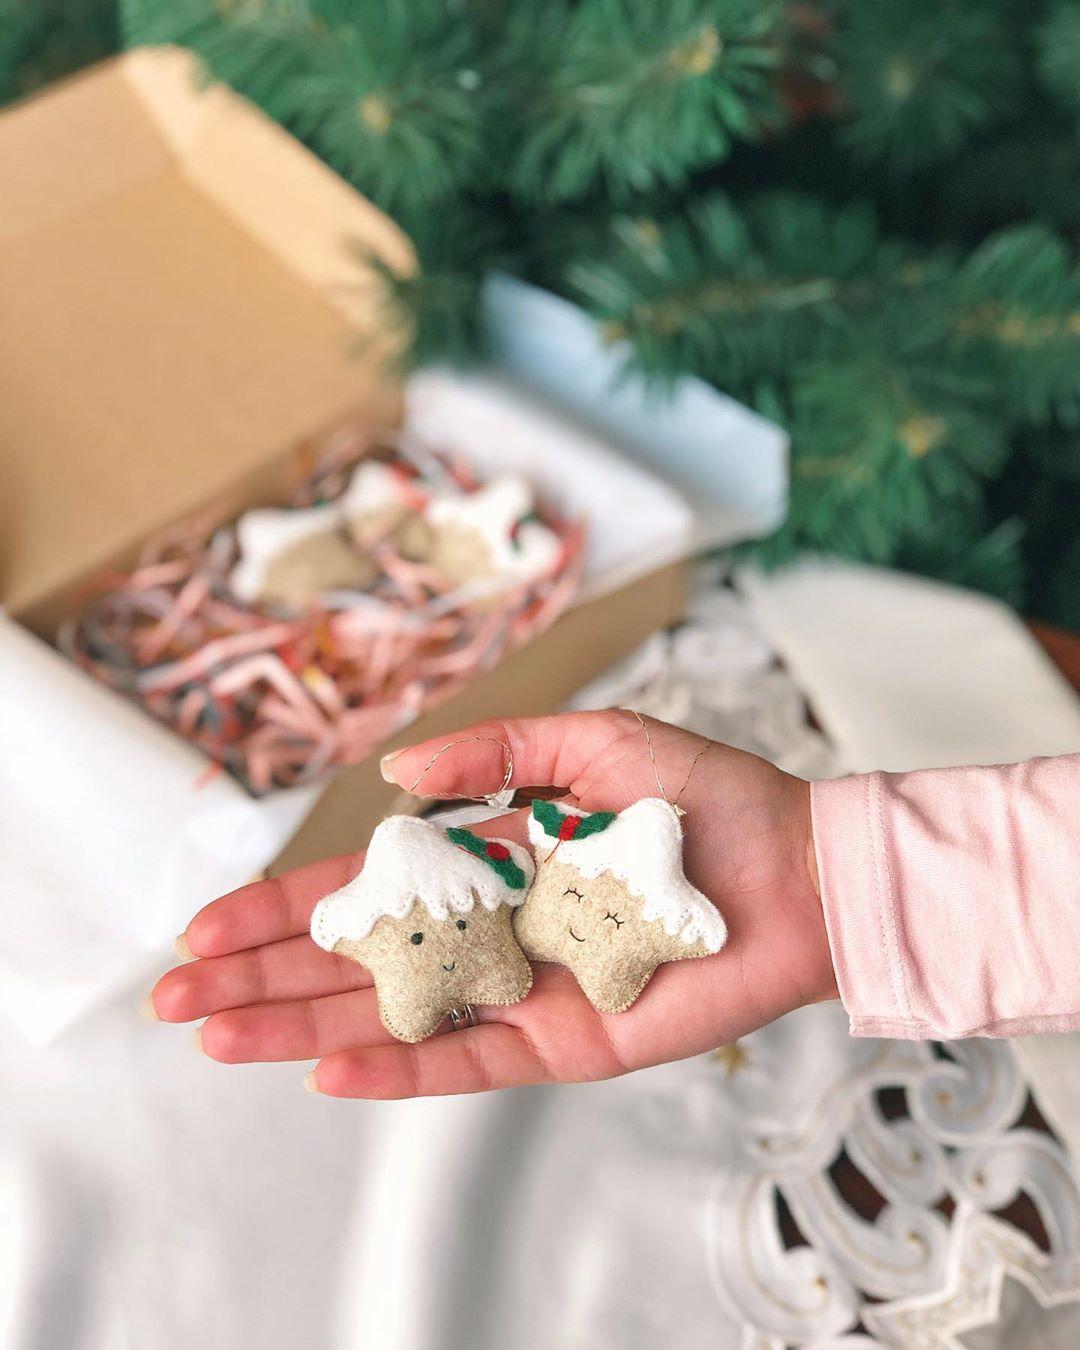 Як франківка виготовляє м'які новорічні прикраси та іграшки (ФОТО)